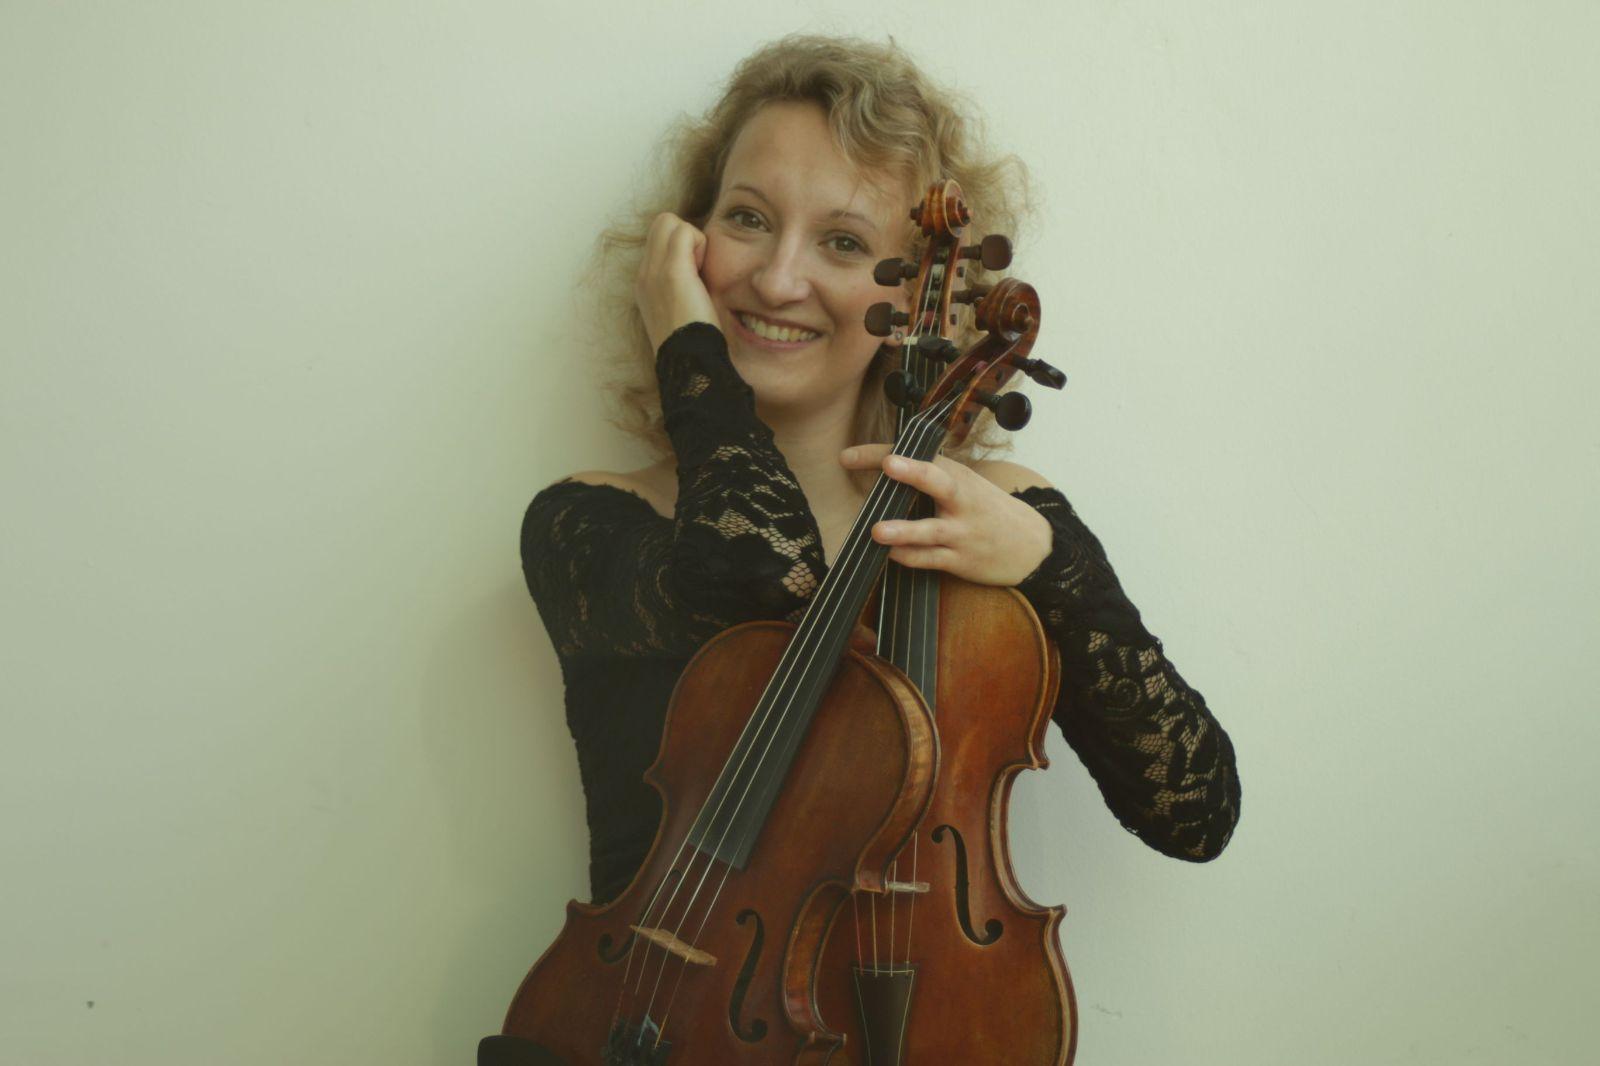 Bild von Laura Jörres mit zwei Violinen